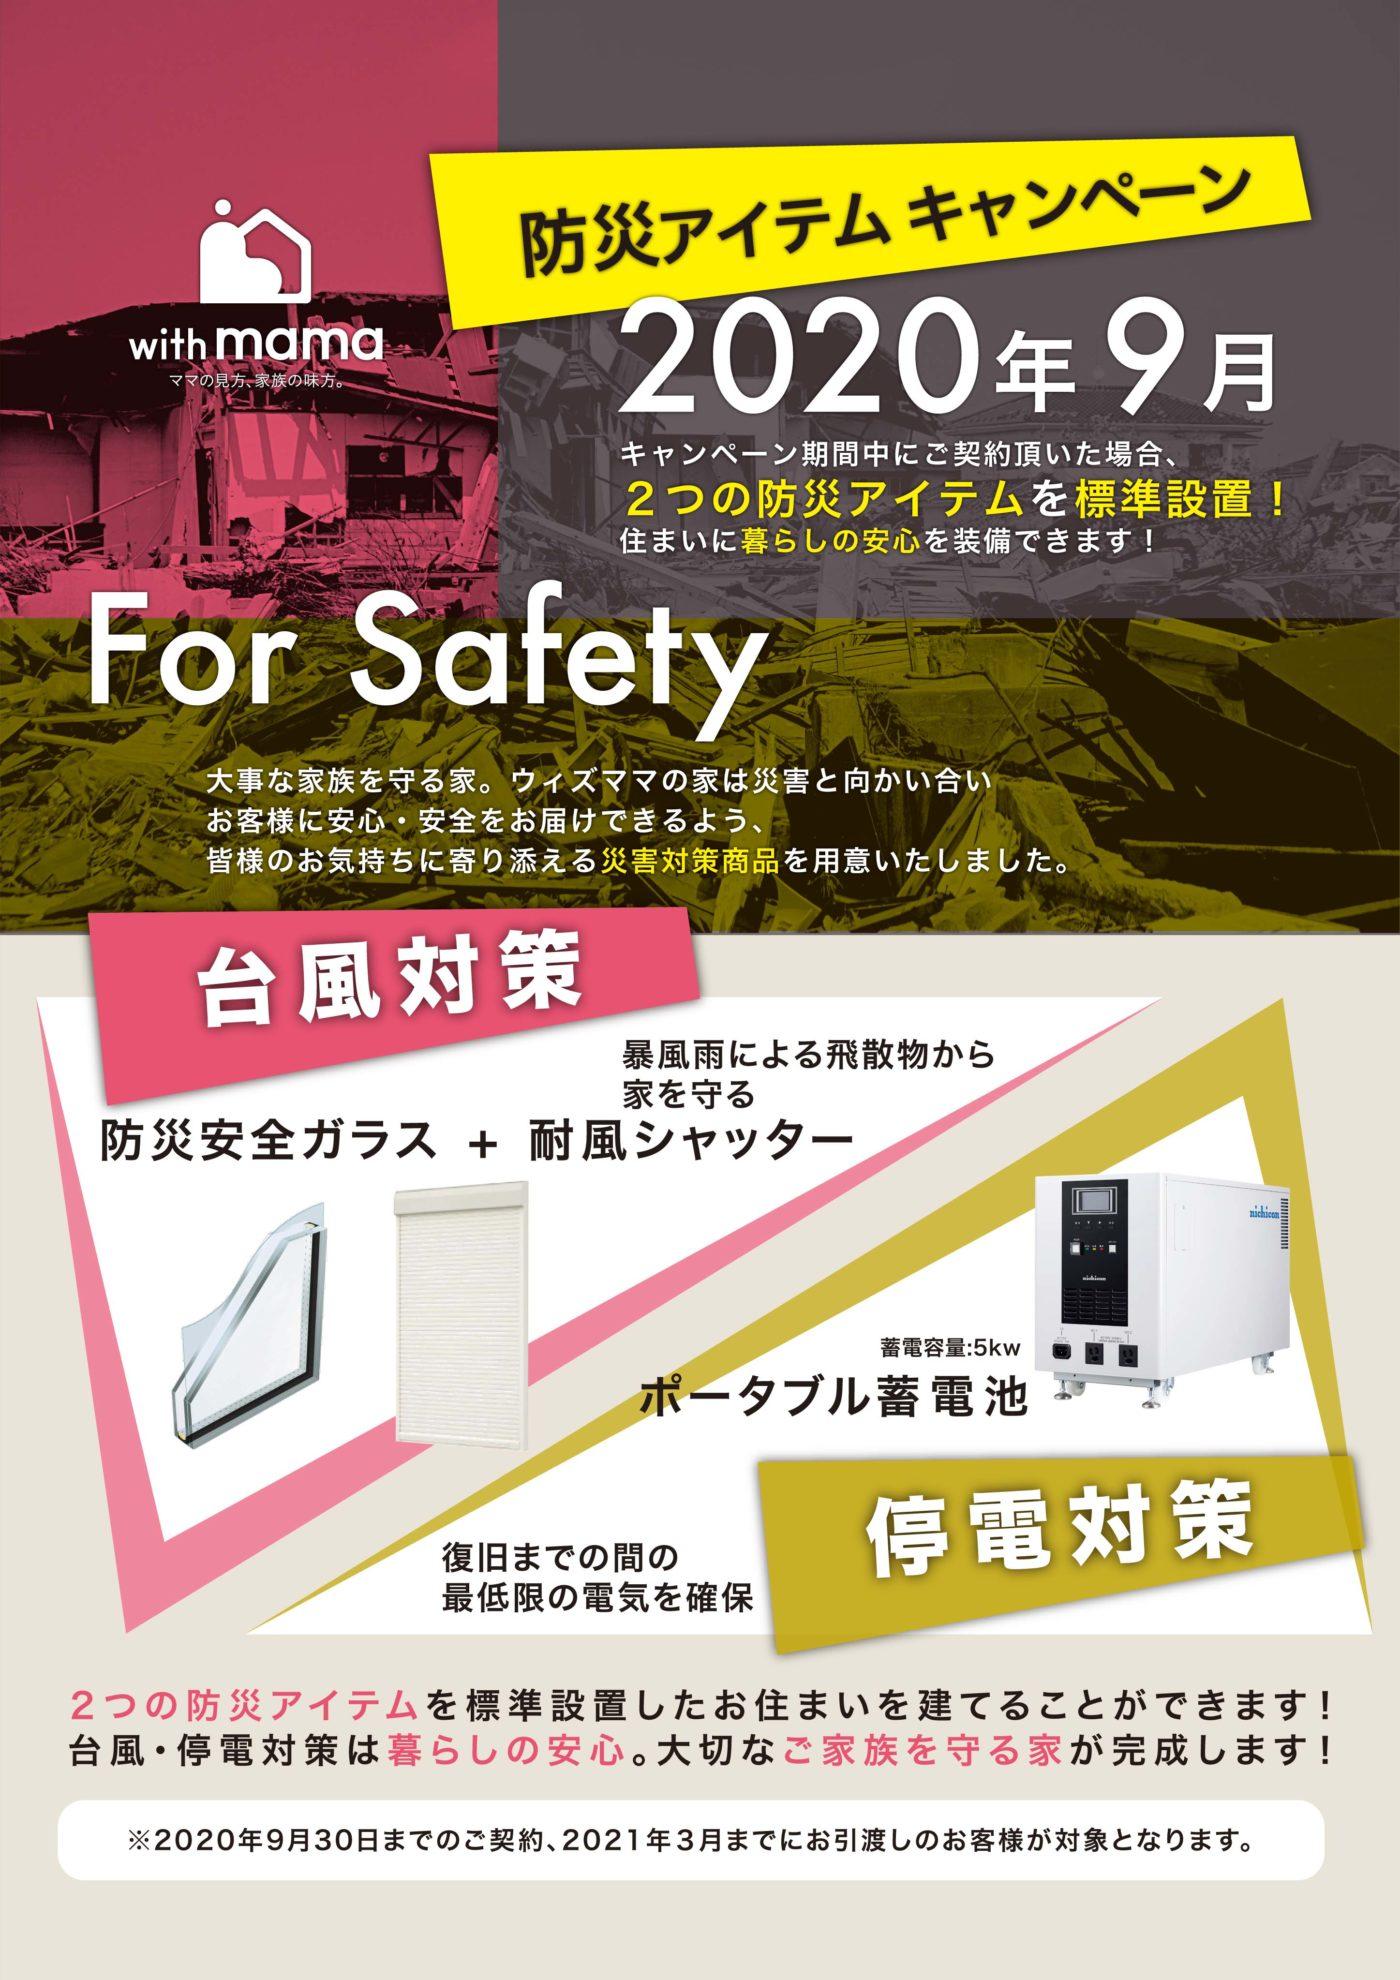 2020年 with mama 防災キャンペーン